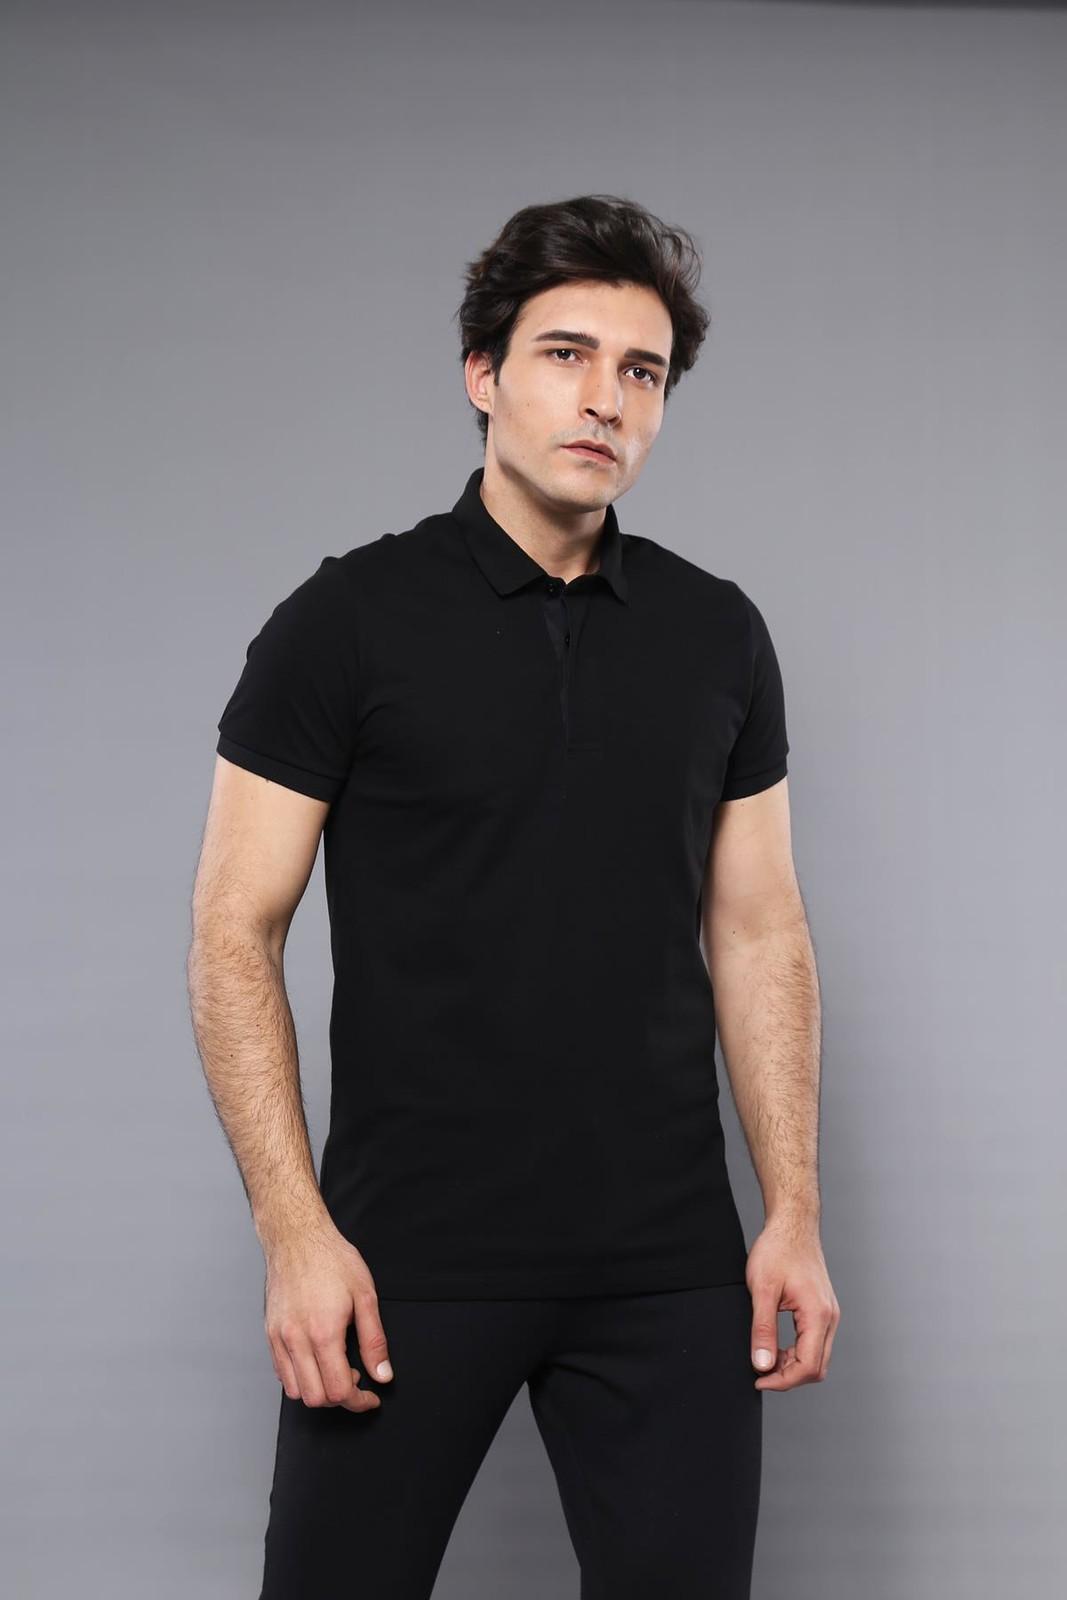 Men's Plain Black Polo T-shirt